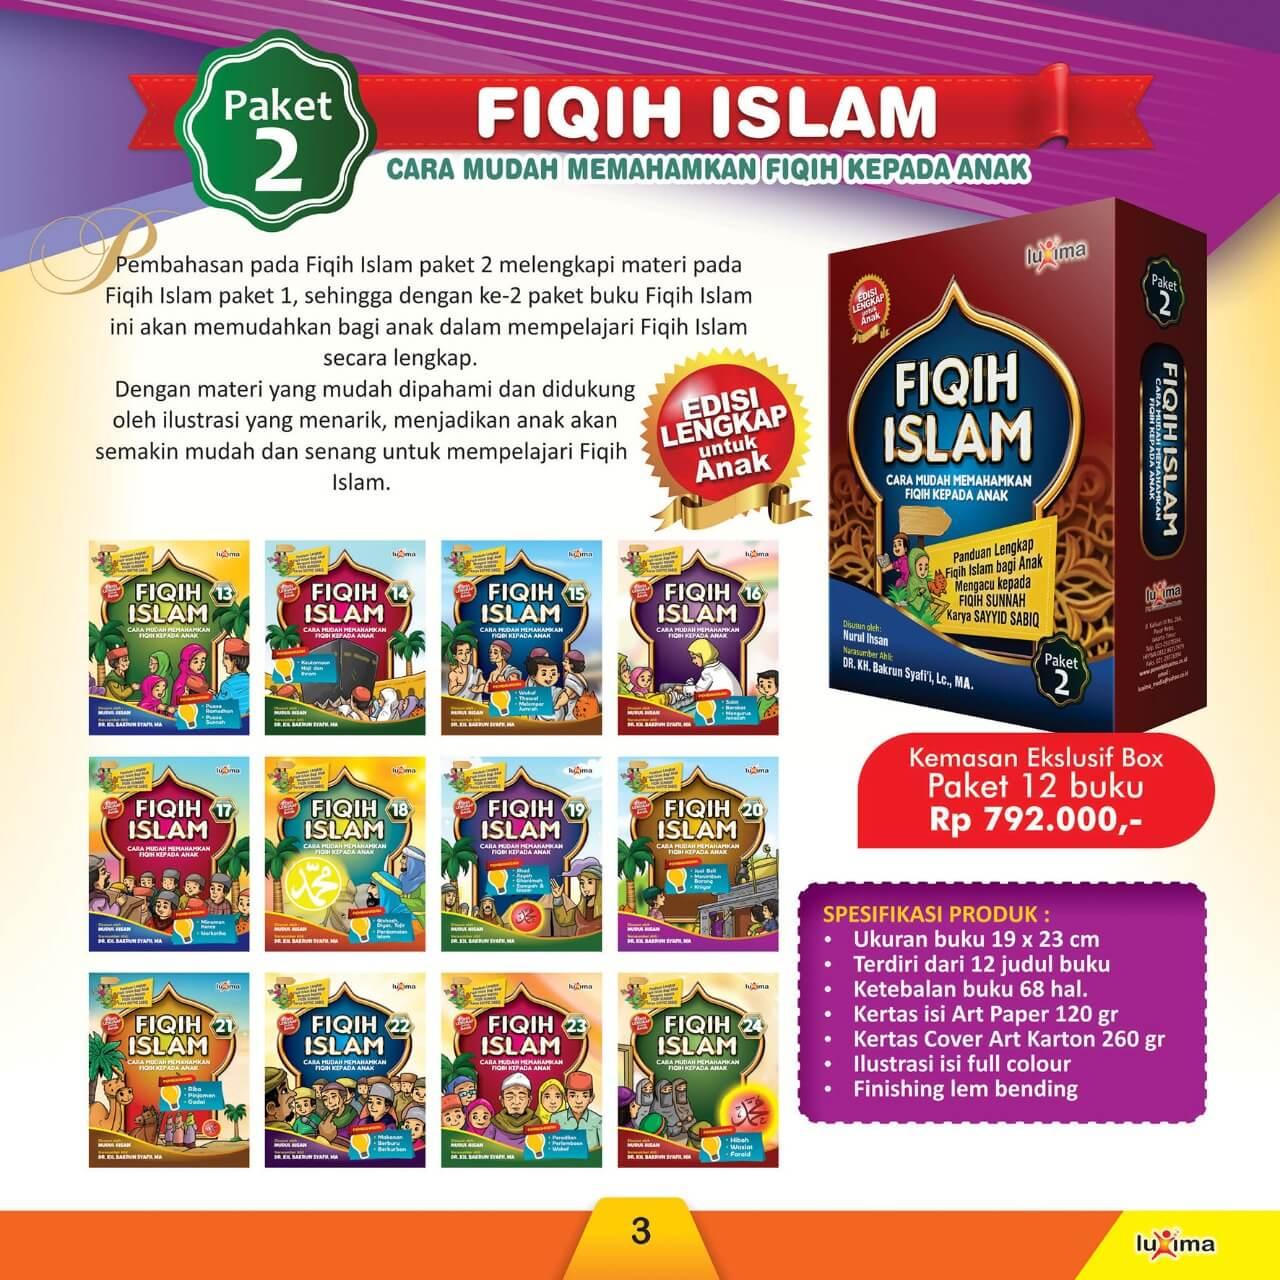 Jual Buku Paket Fiqih Islam Cara Mudah Memahamkan Fiqih kepada Anak 3